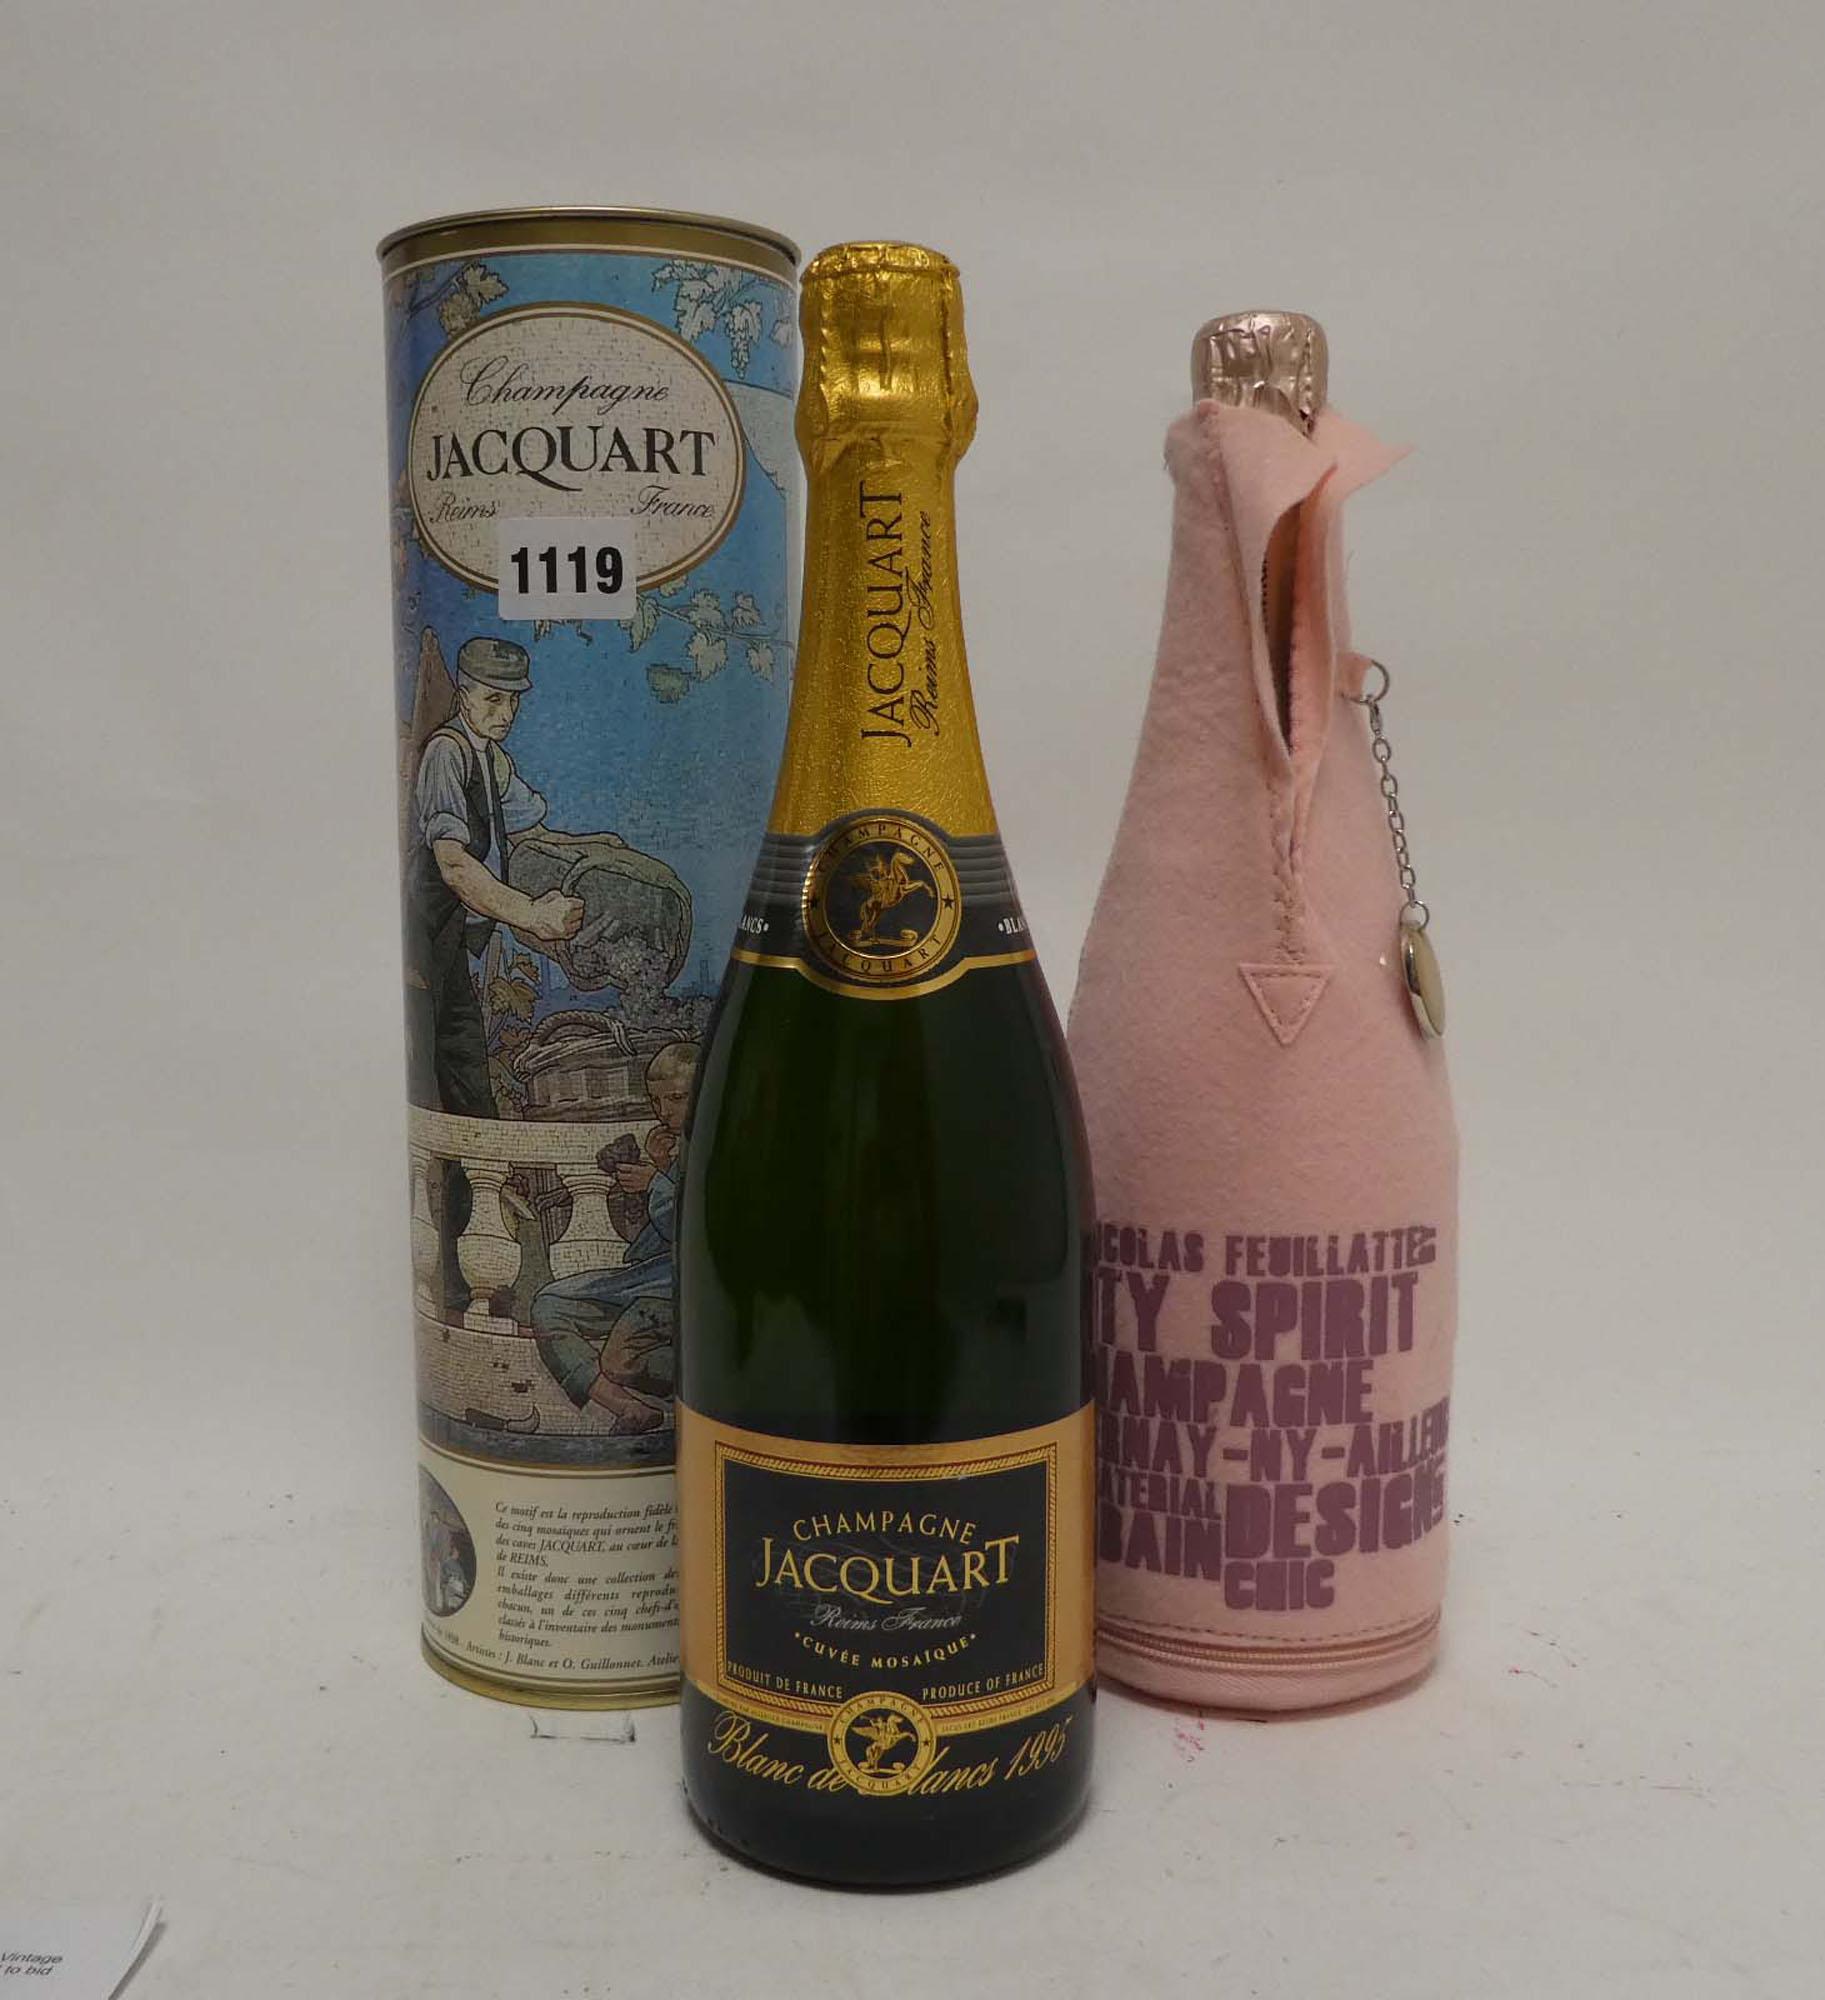 2 bottles, 1x Jacquart Cuvee Mosaigue Blanc de Blancs 1995 with carton 75cl 12.